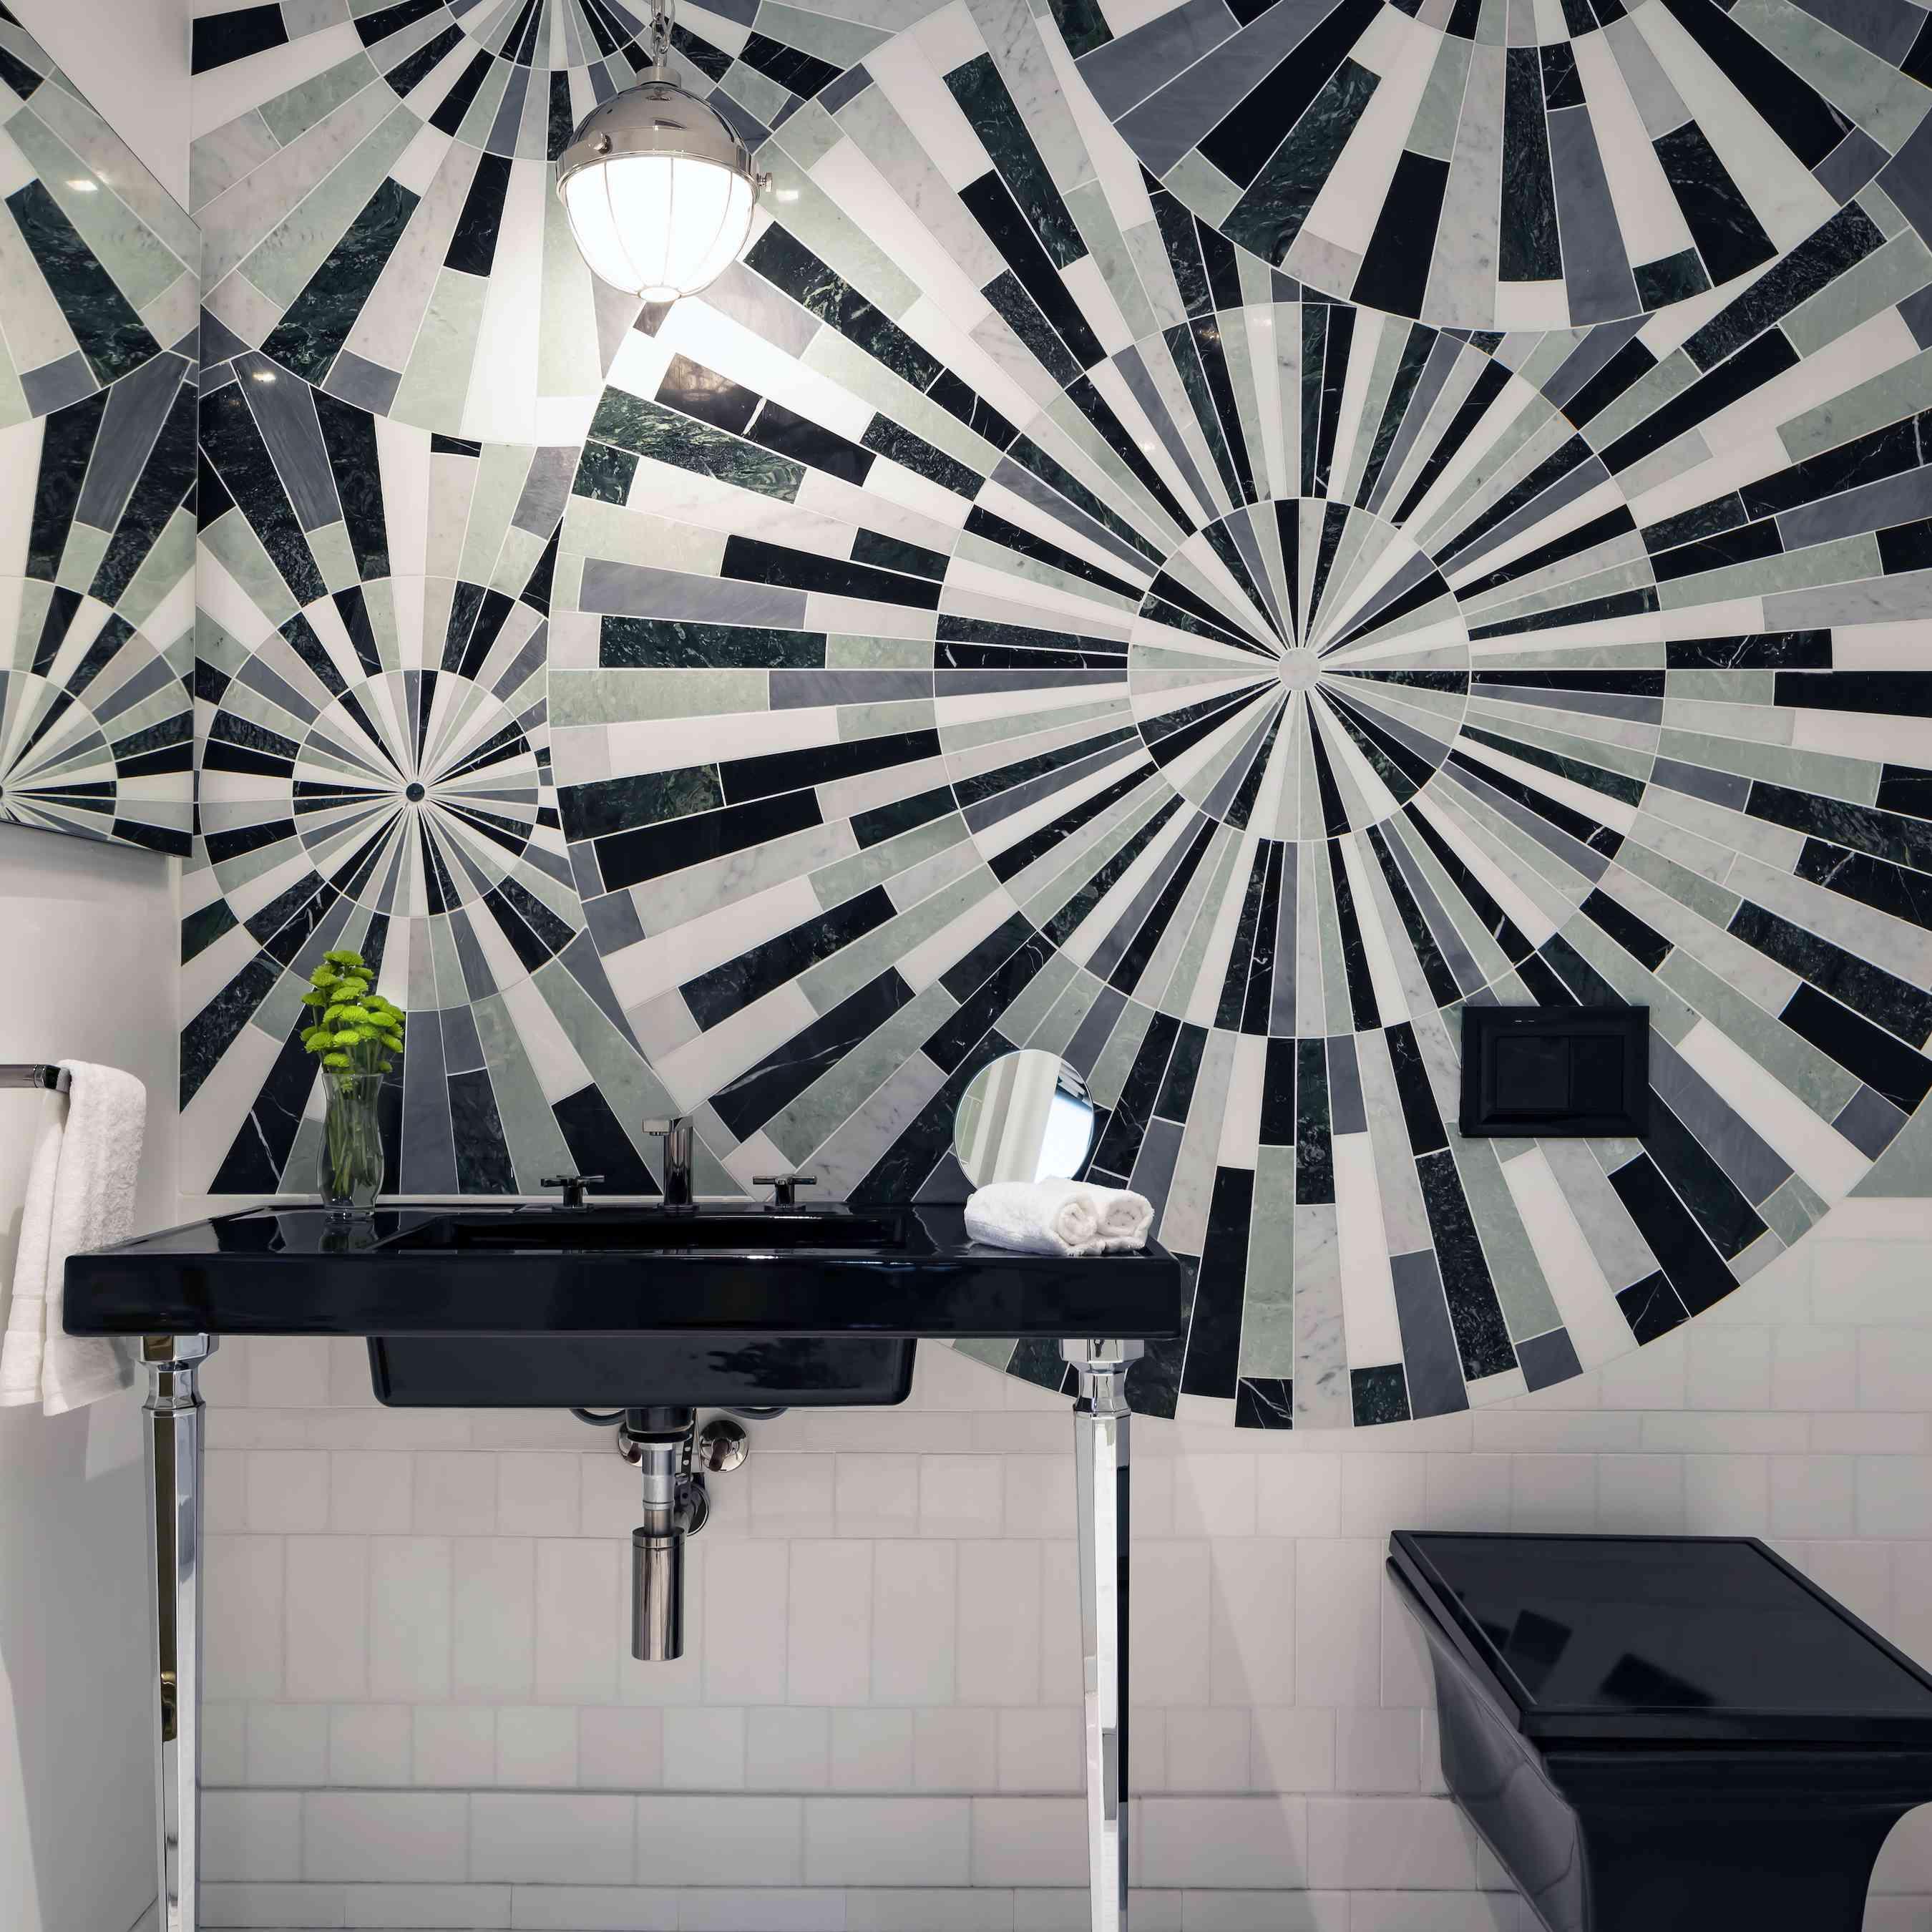 Black and white tiled bathroom.